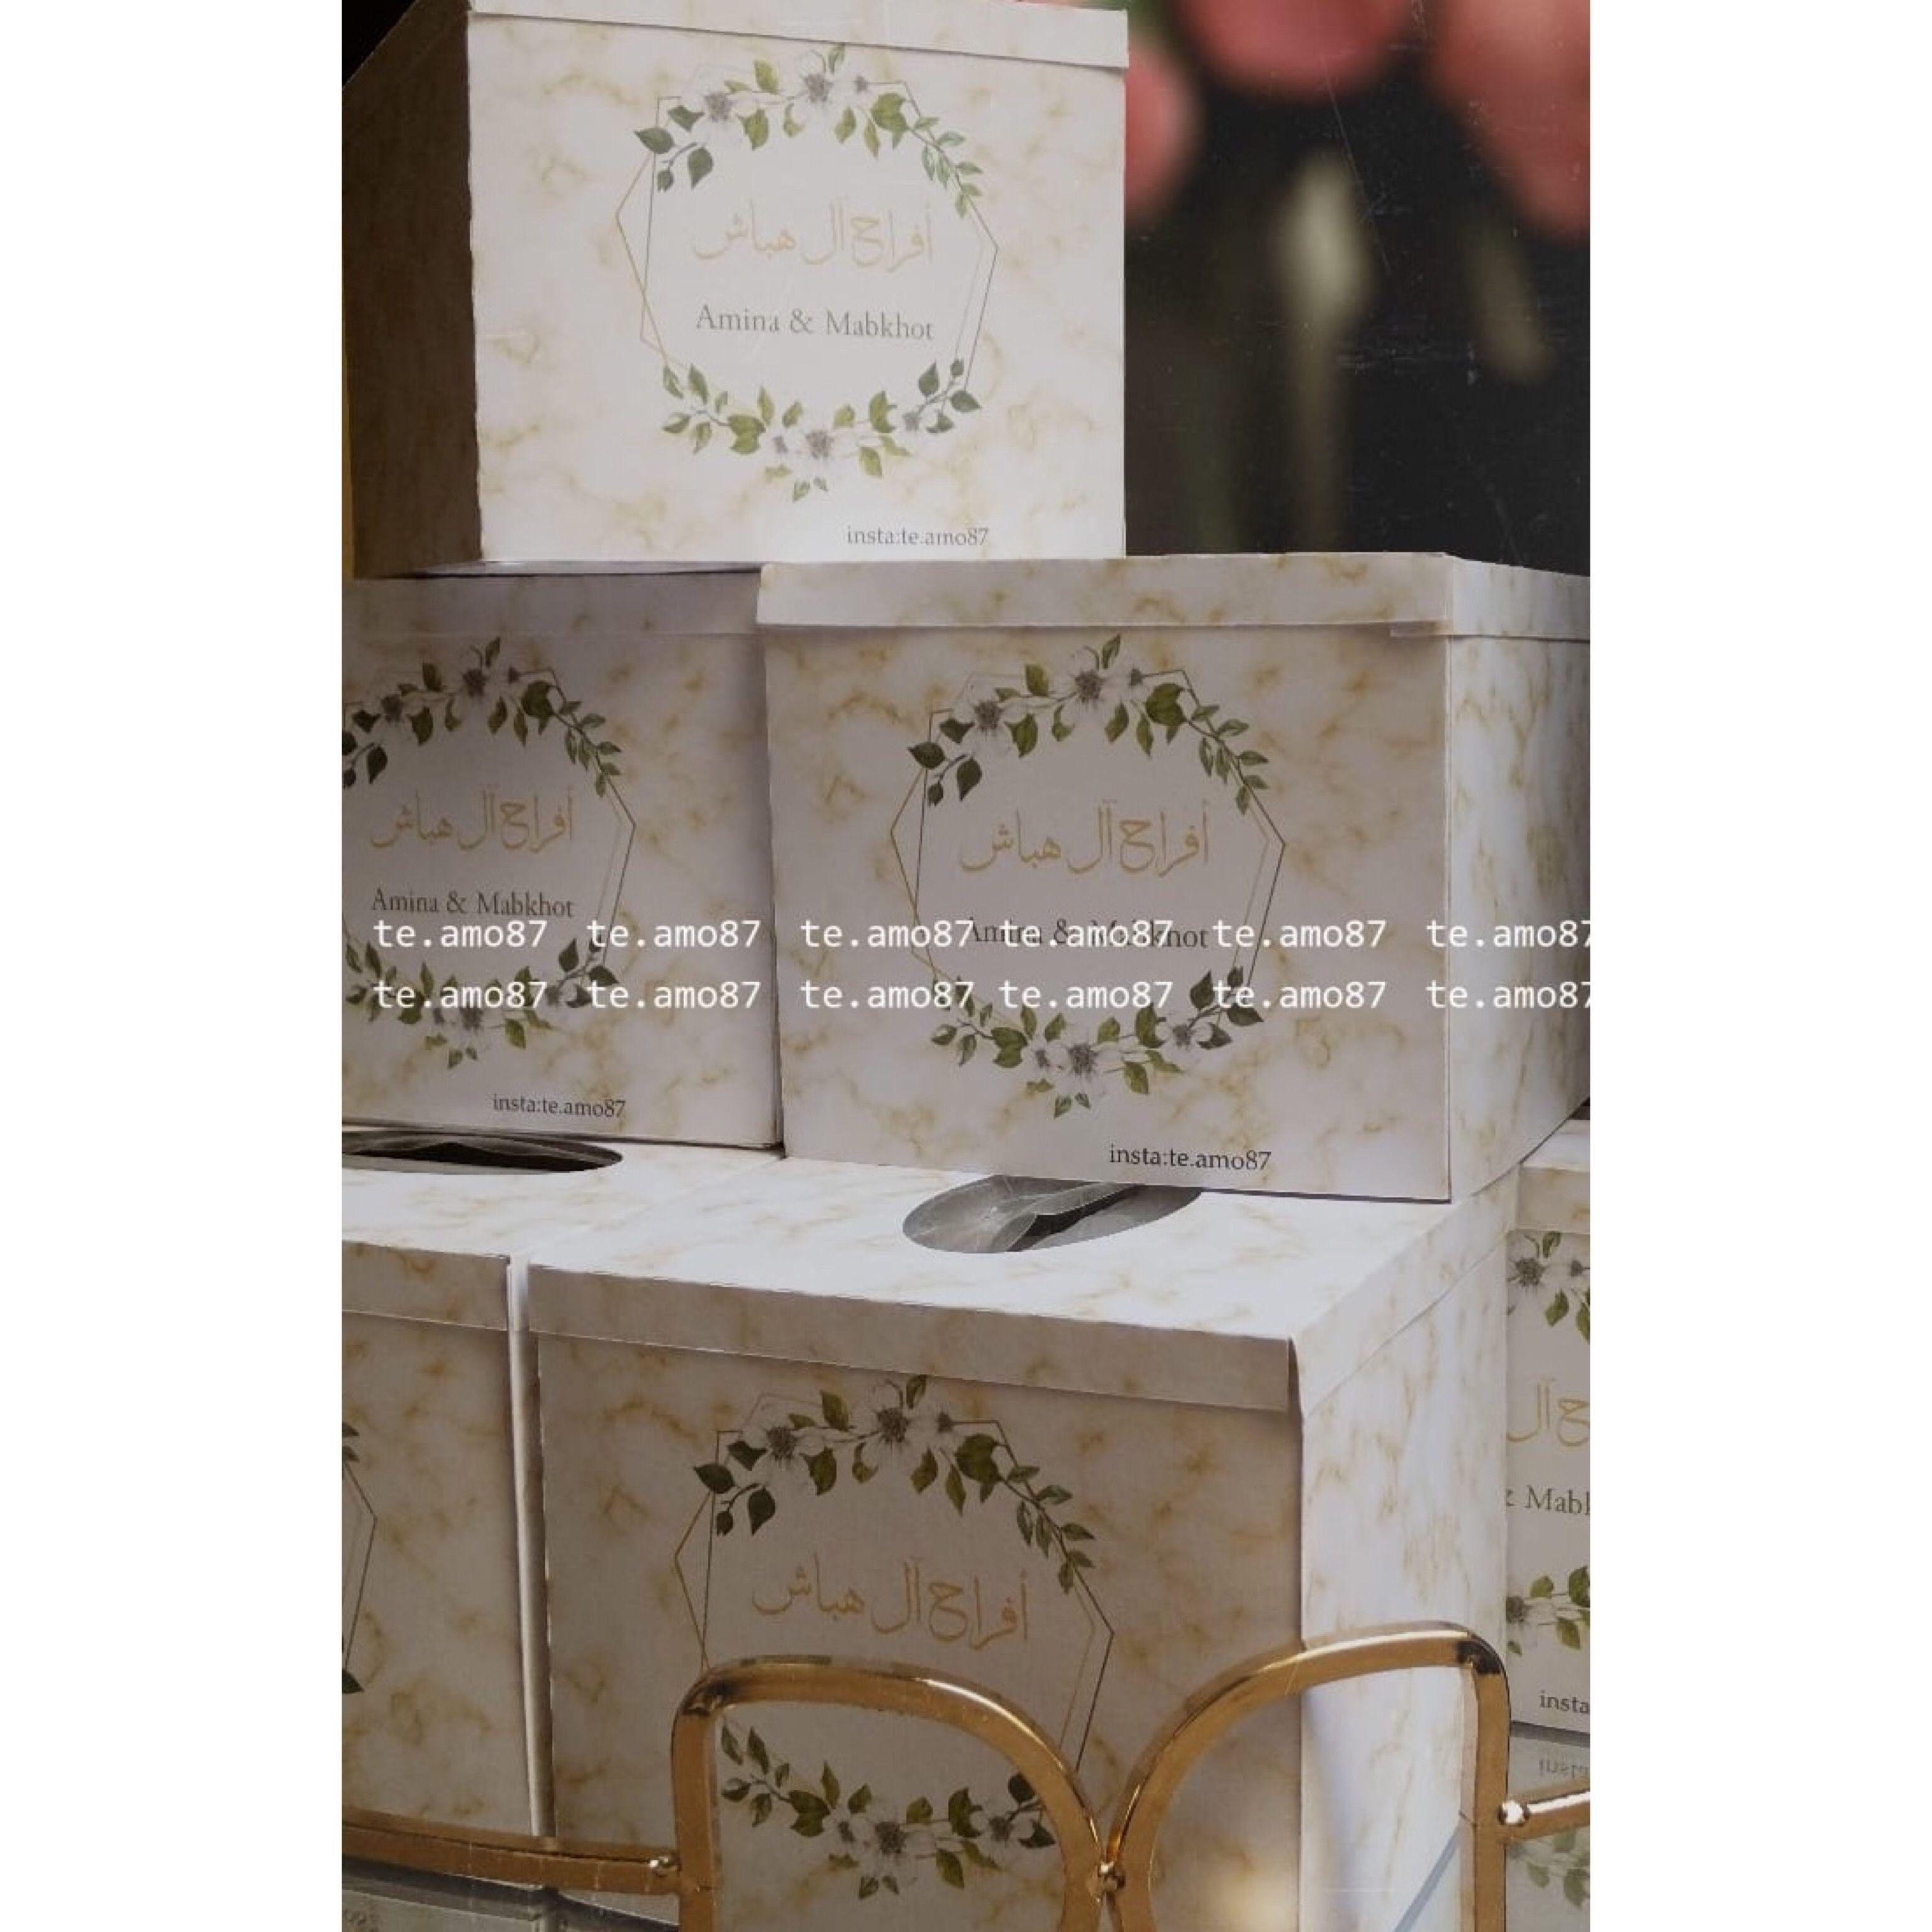 ثيمات و توزيعات تيآمو Te Amo87 Instagram Photos And Videos Instagram Wedding Favor Boxes Instagram Photo